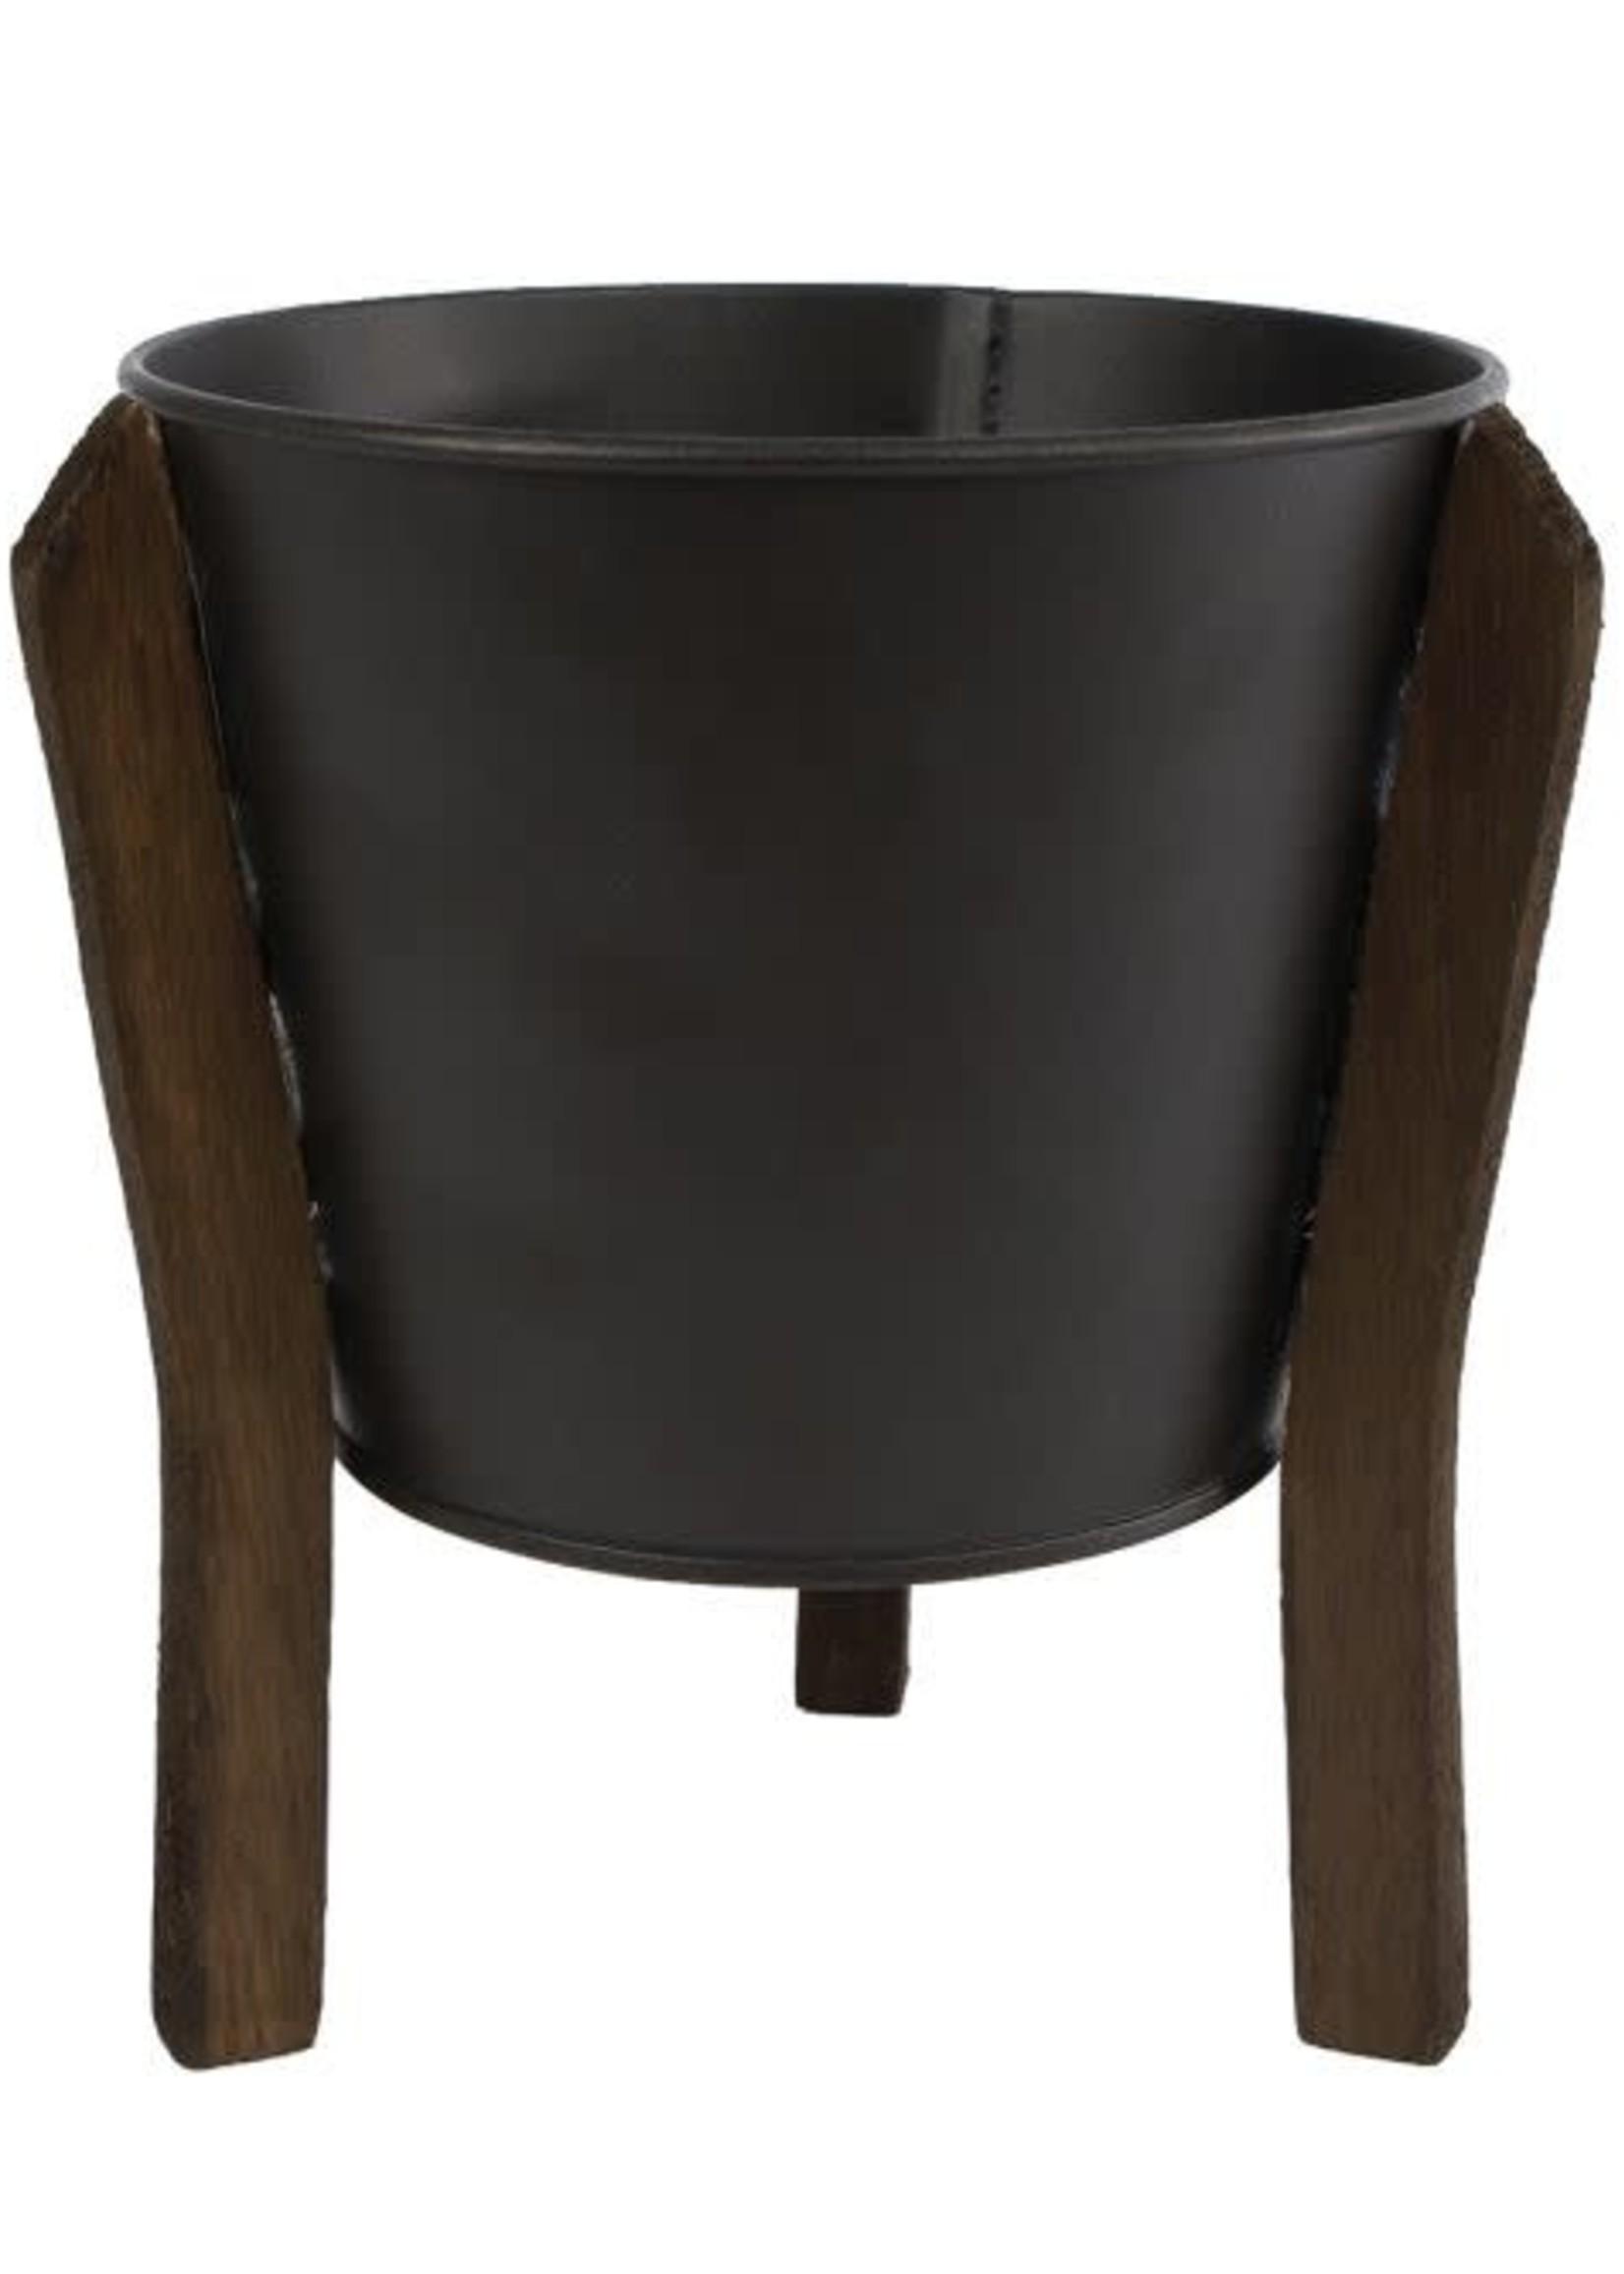 Bloempot Jan L zwart metaal pot 12 14x14x18cm